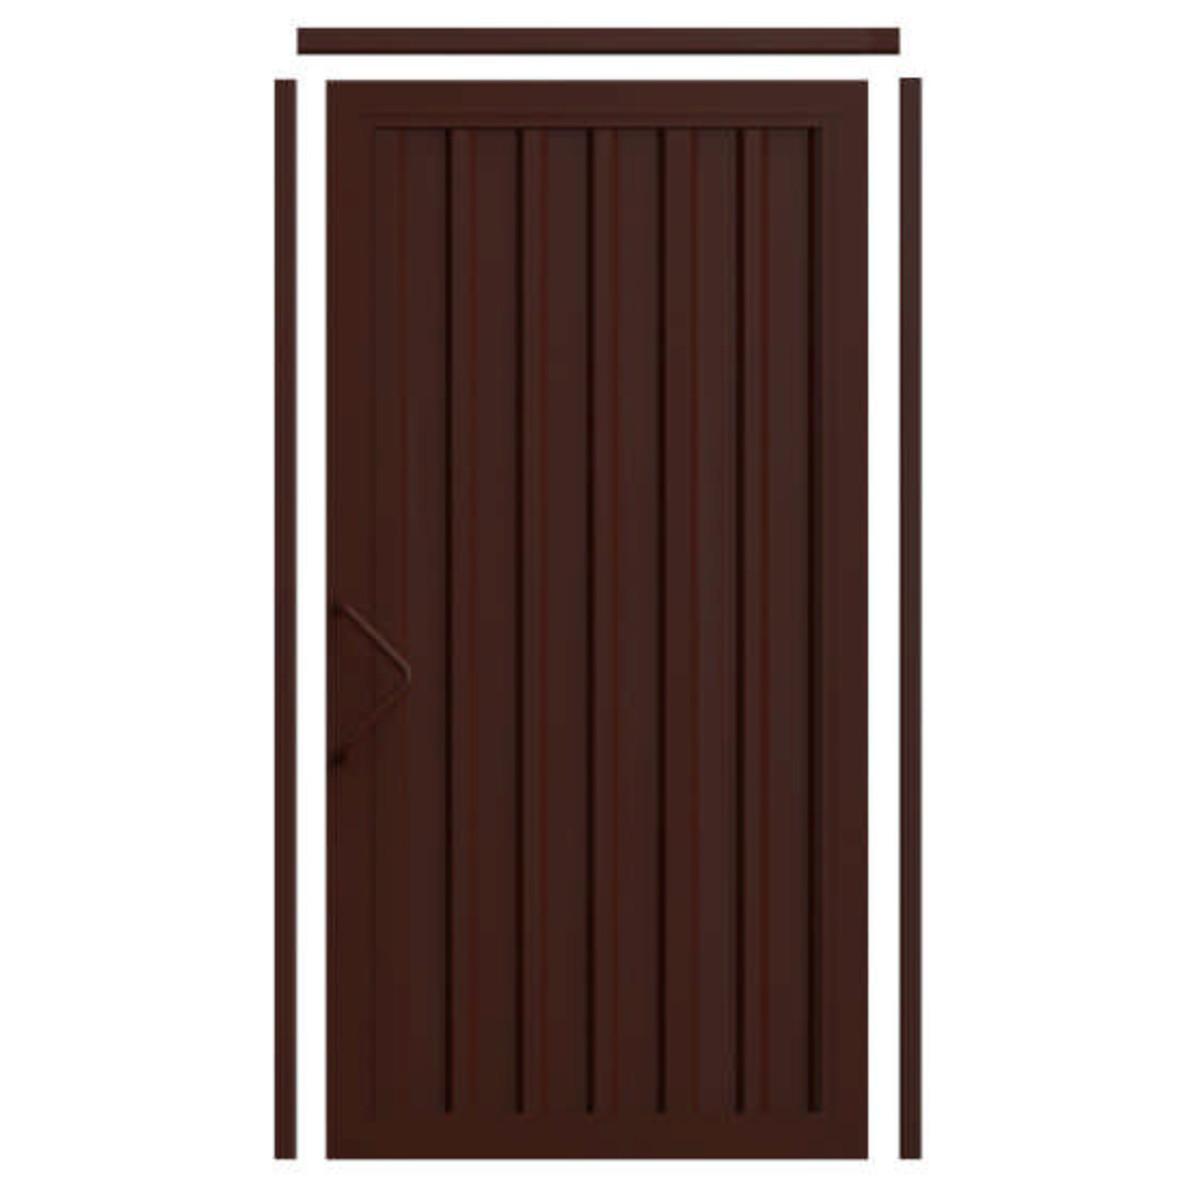 Комплект для калитки Doorhan «Revolution» 1.36х2.2 м цвет шоколадно-коричневый